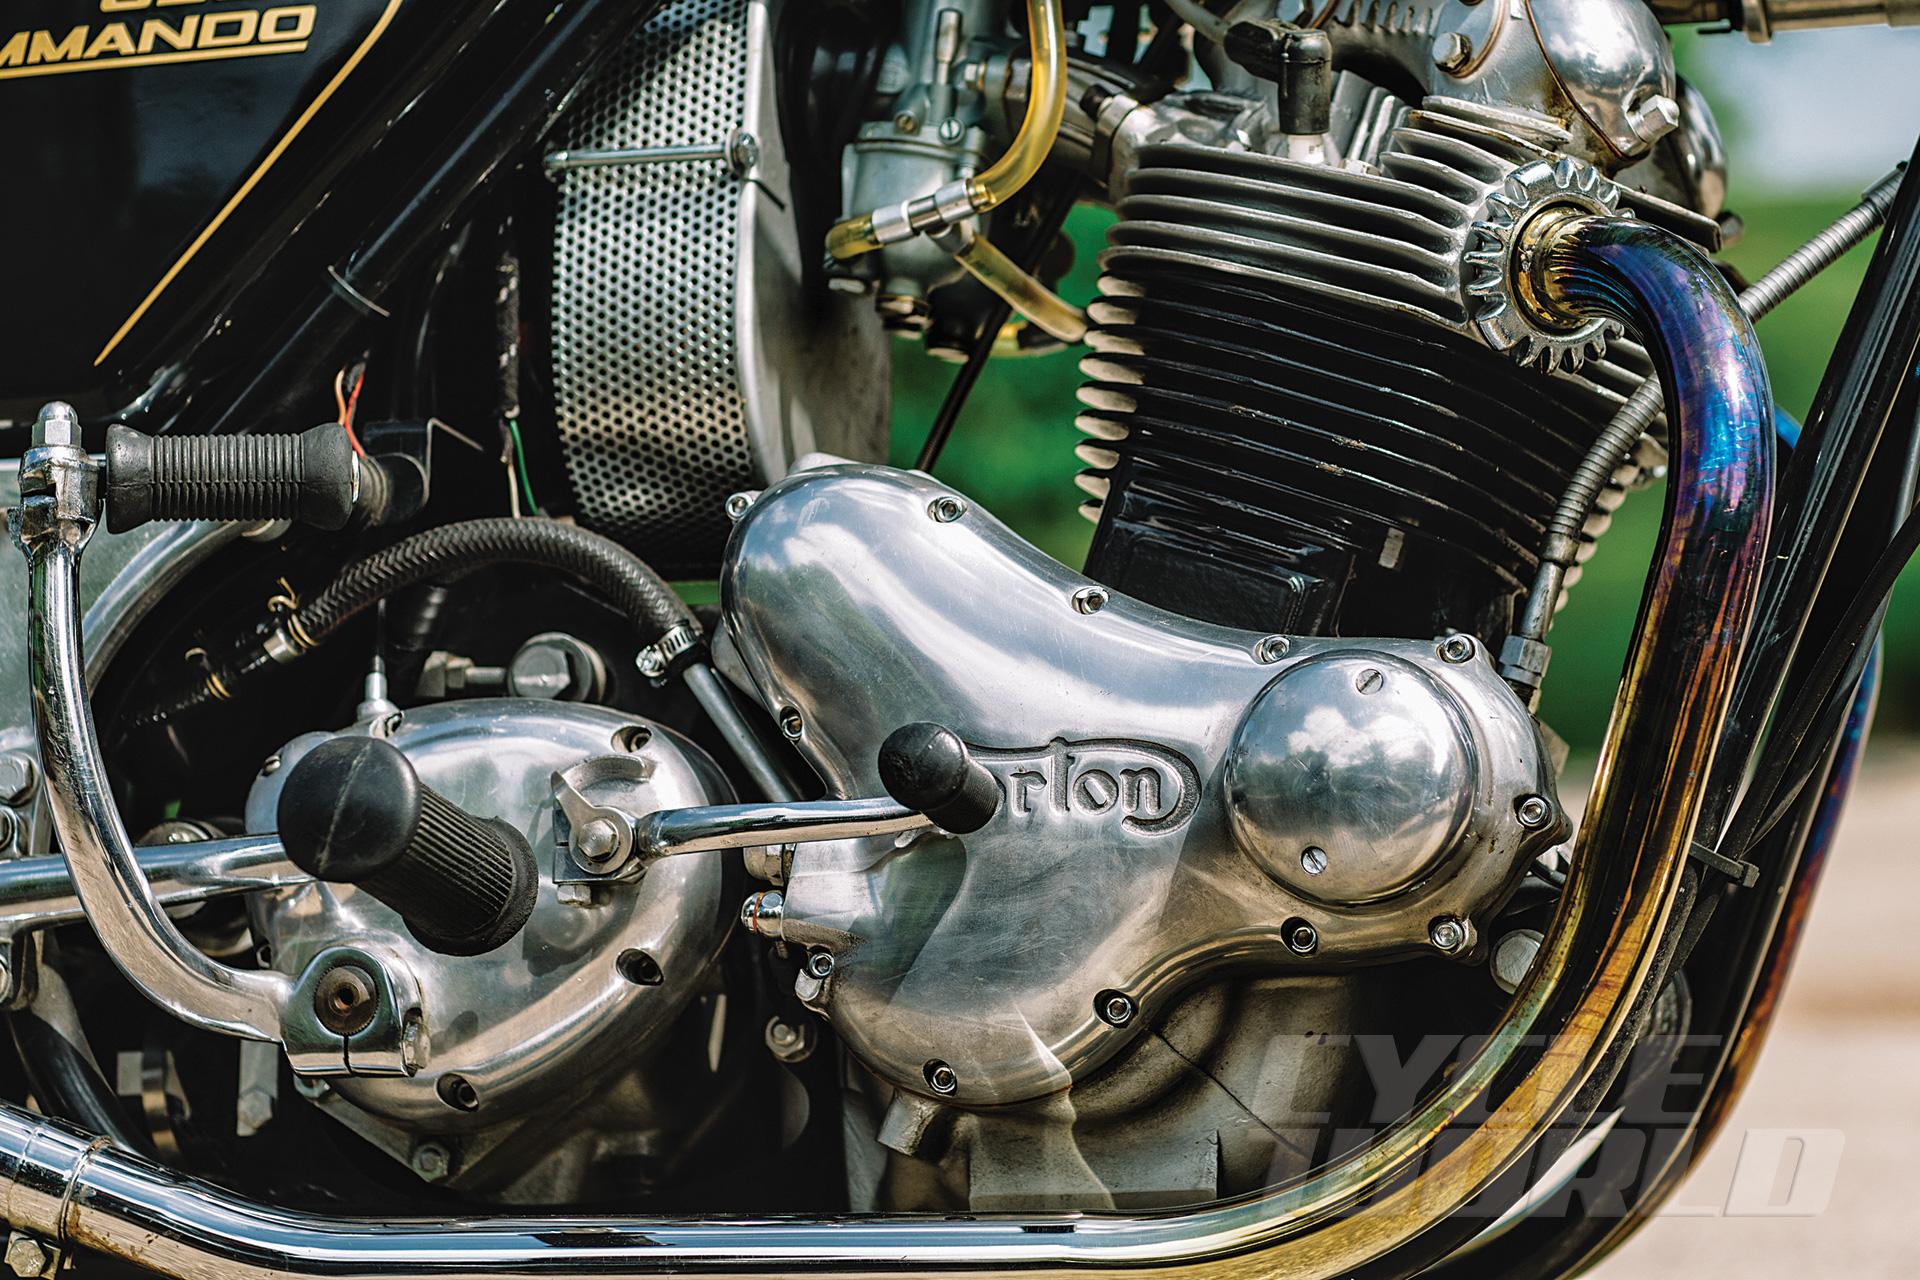 Norton-Commando-engine-V1